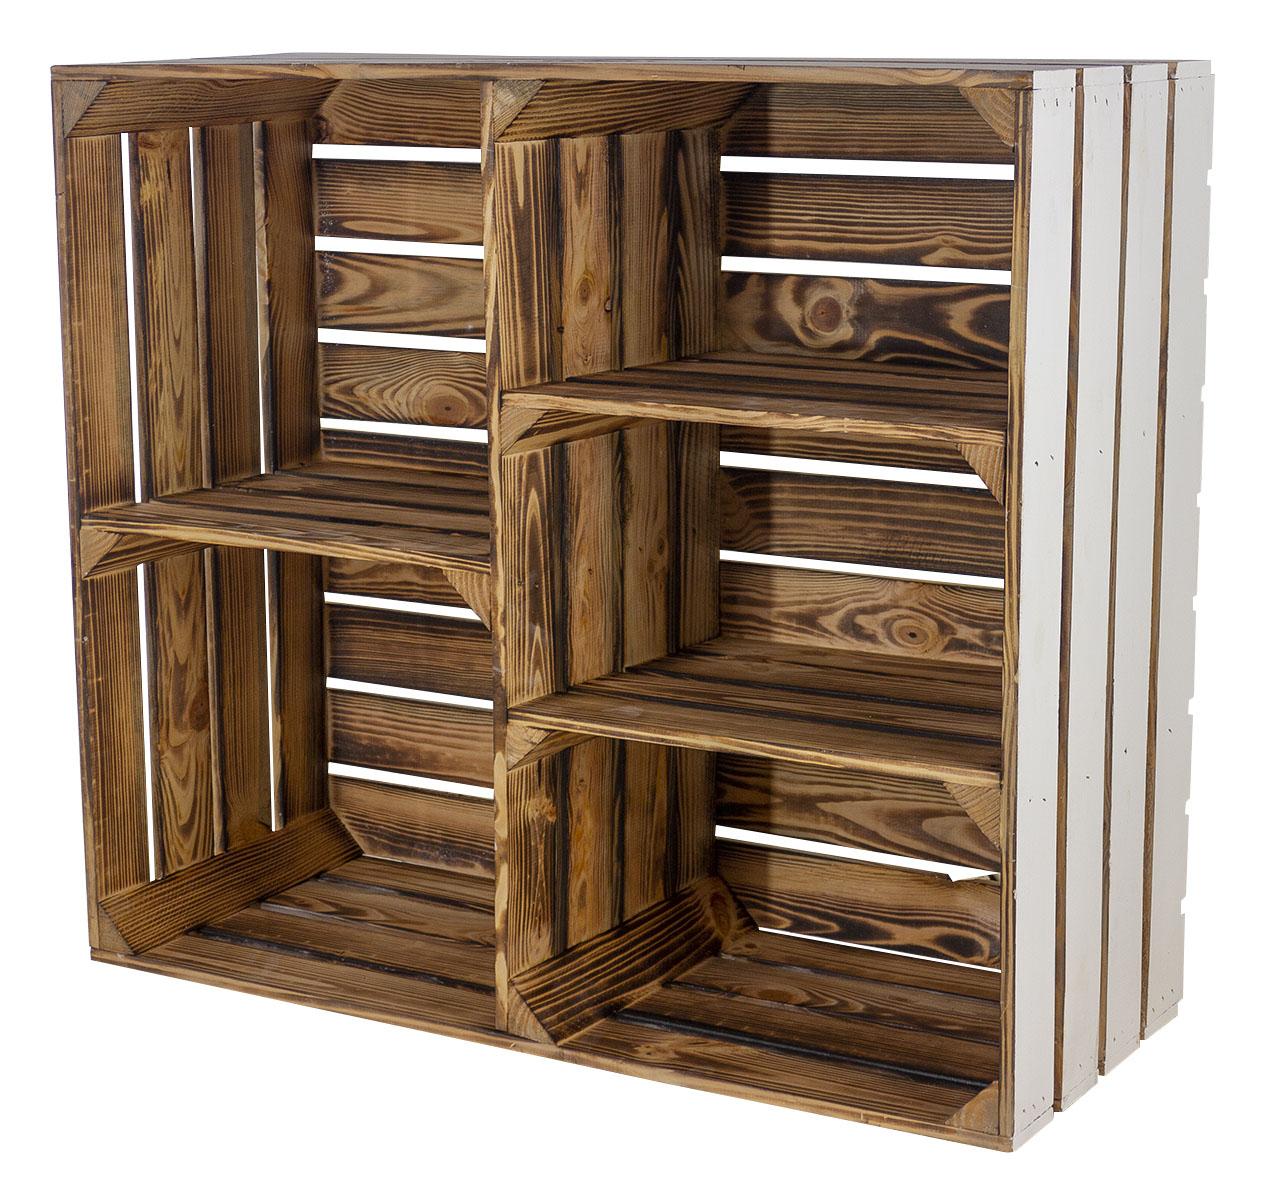 Weißer Holzschrank mit 3 Mittelbretter und Trennbrett innen geflammt 77x68x35cm